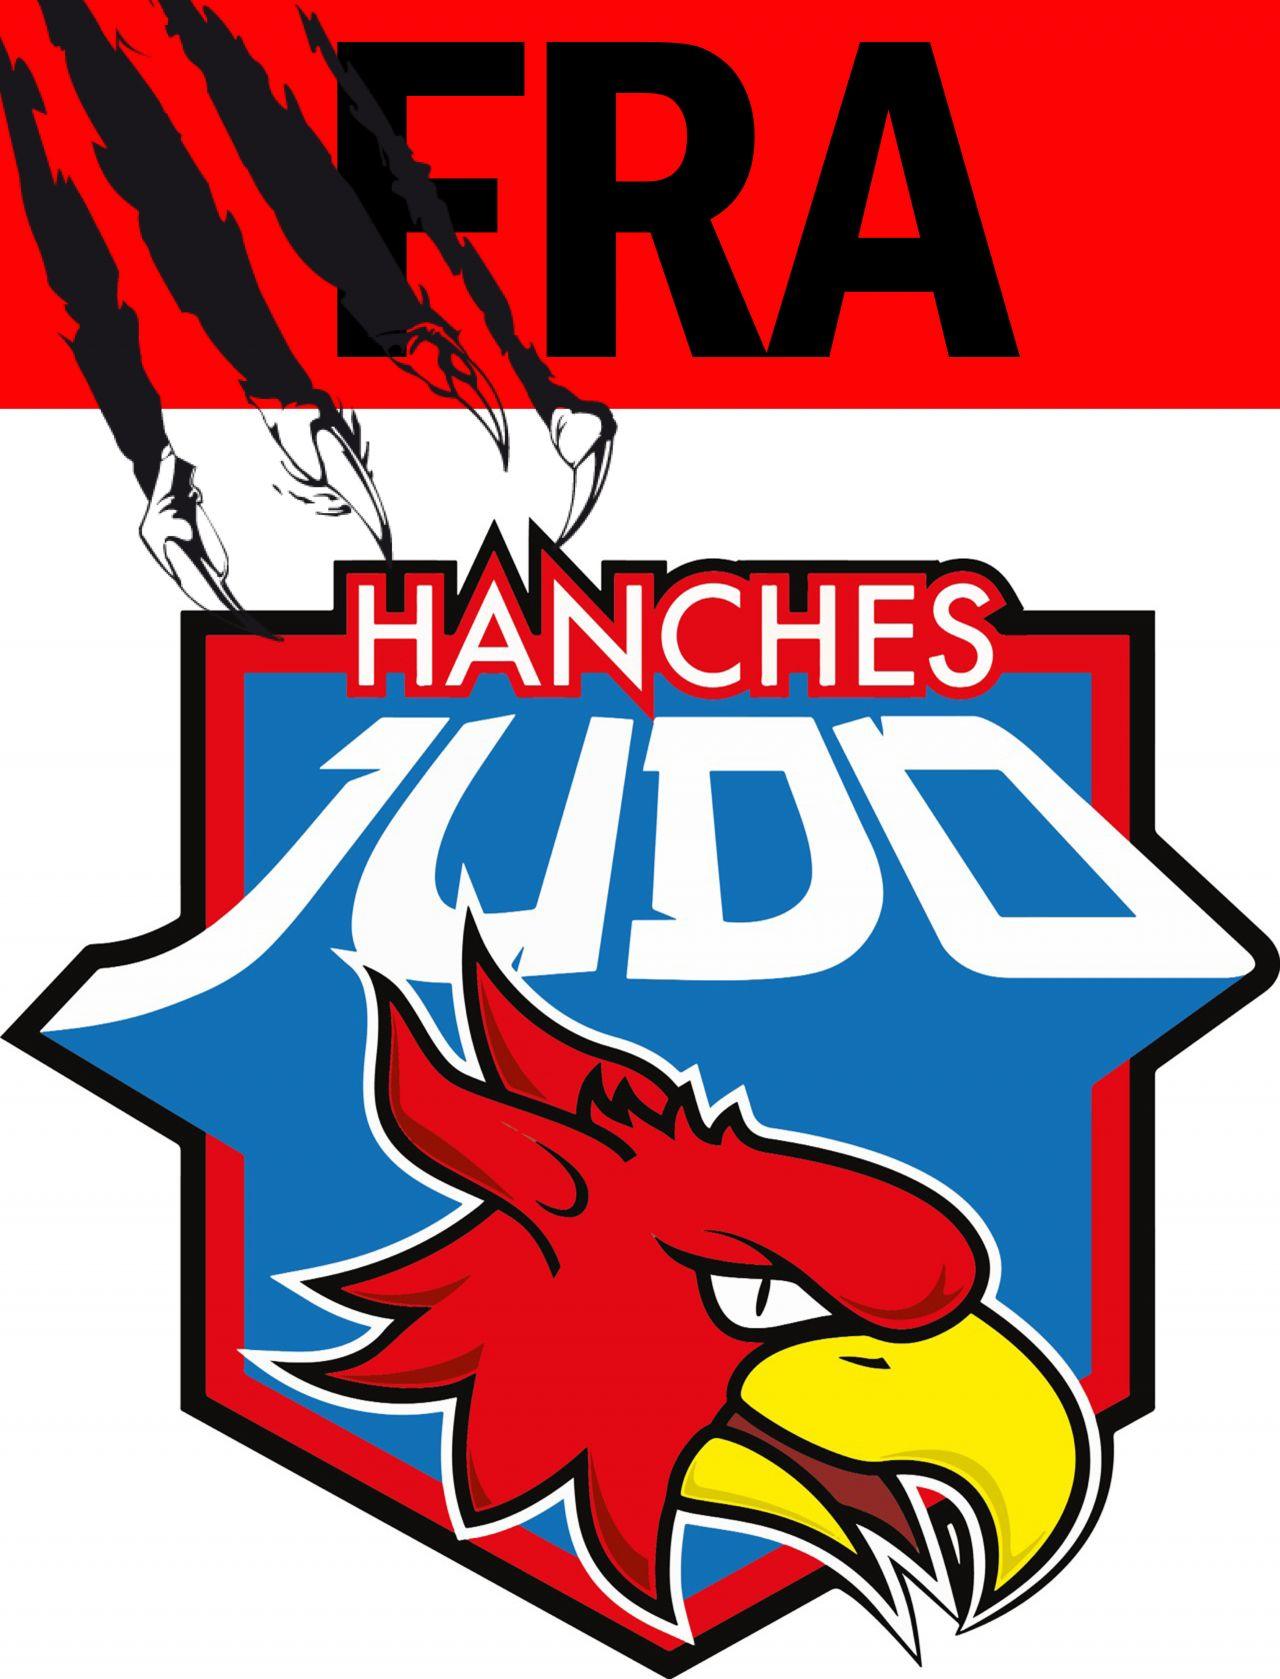 AS JUDO HANCHES